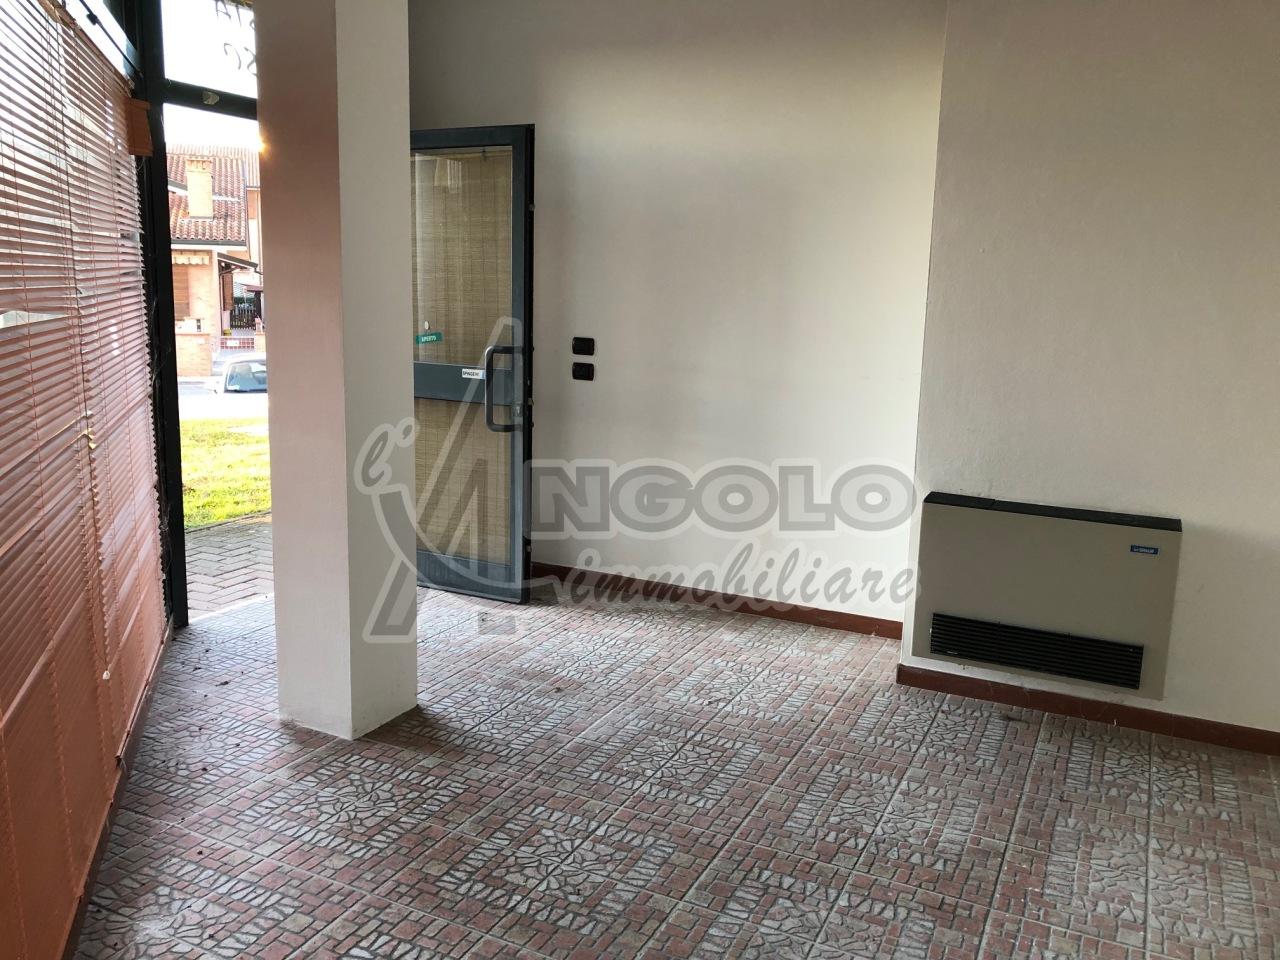 Attività / Licenza in affitto a Occhiobello, 1 locali, prezzo € 380   CambioCasa.it